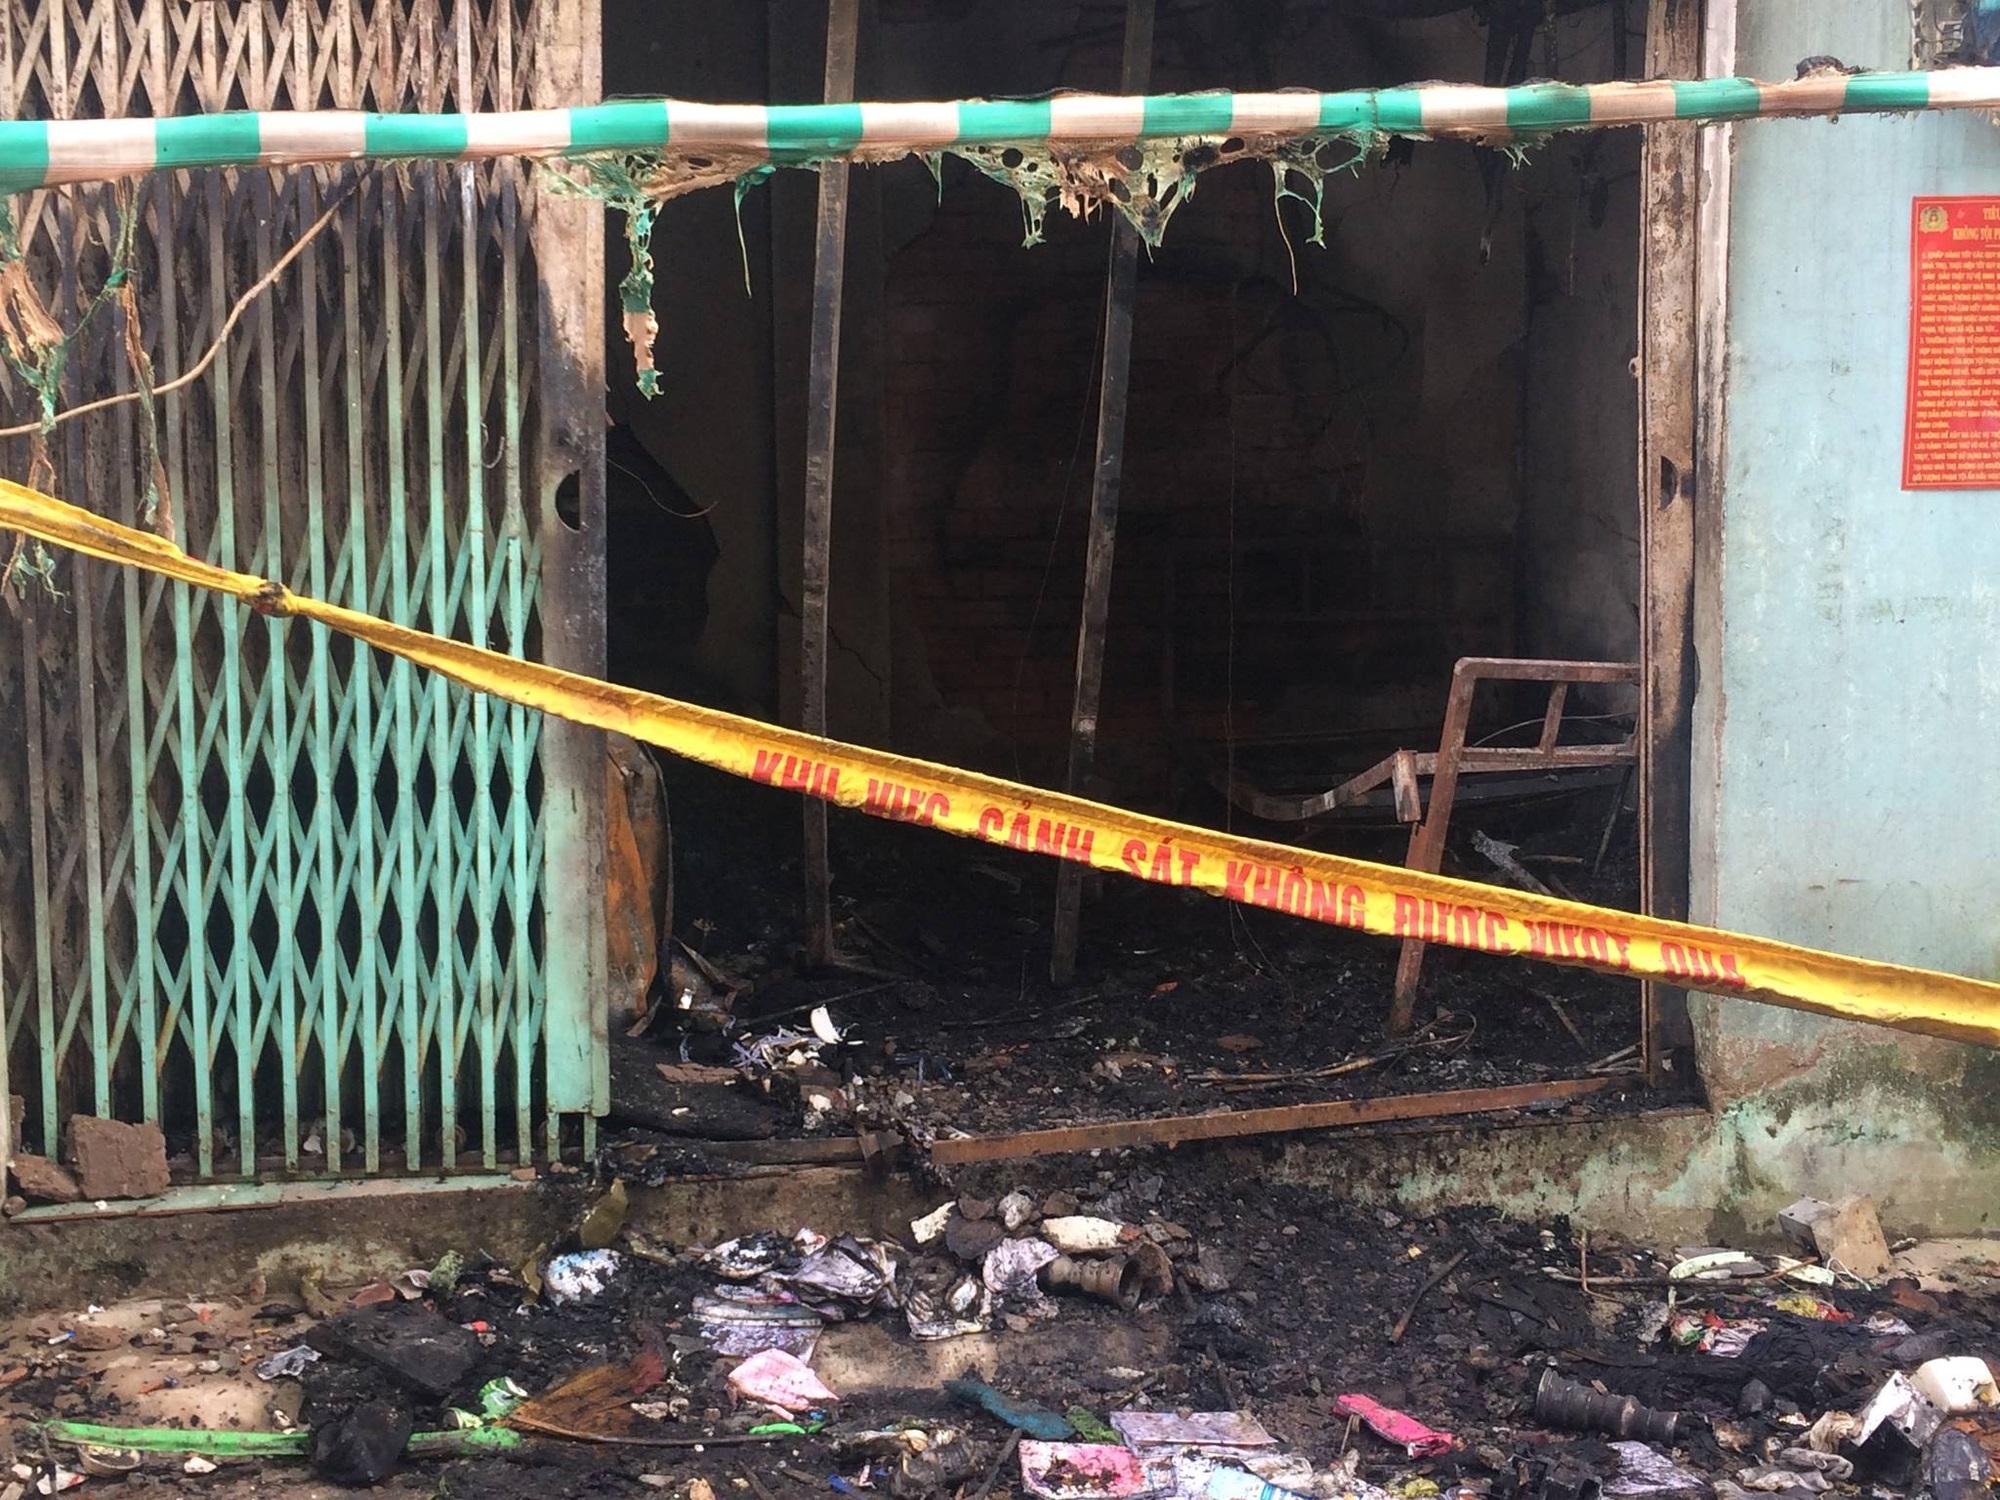 Vụ hỏa hoạn khiến 6 người thương vong tại TP. HCM: Người thân bất lực nhìn 2 bà cháu kêu cứu rồi chết cháy trong nhà - Ảnh 4